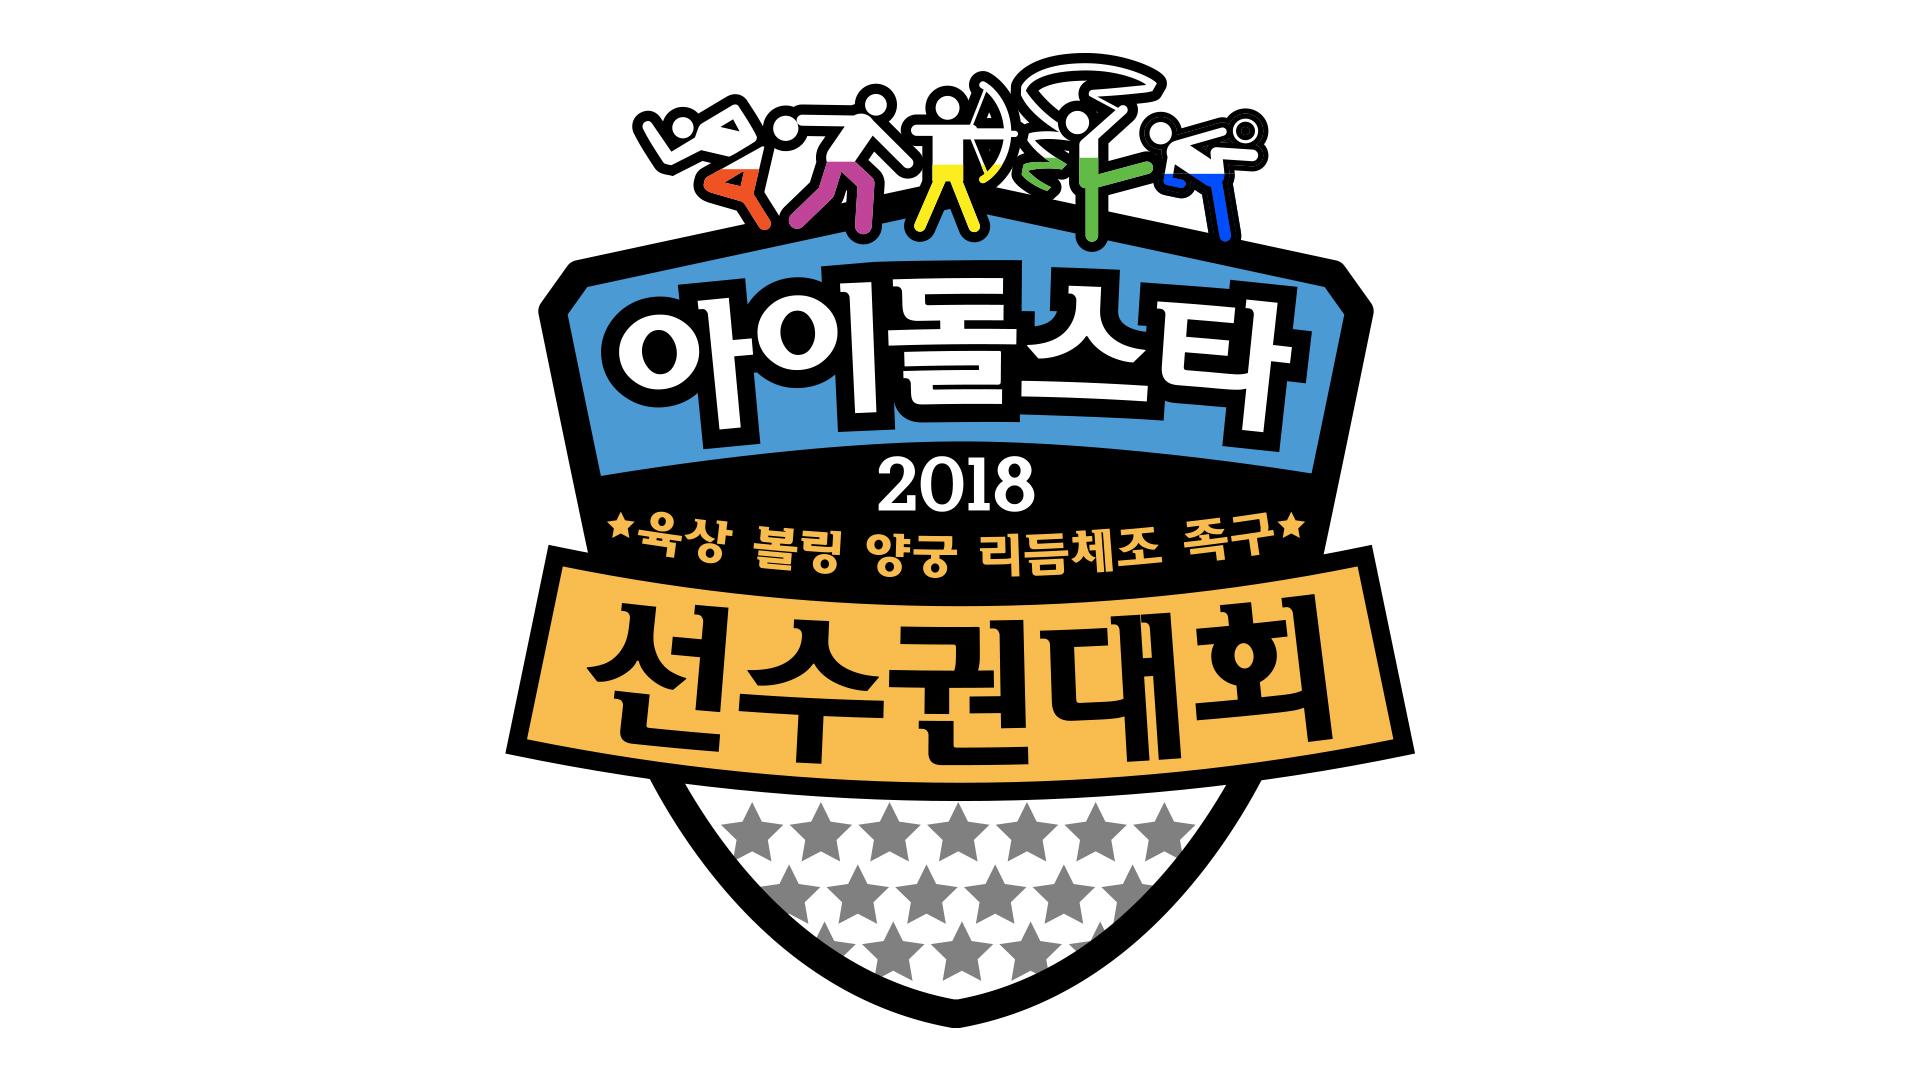 '추석특집 2018 아육대' 개최 확정! 워너원·트와이스·세븐틴·레드벨벳 등 최정상 아이돌 총출동